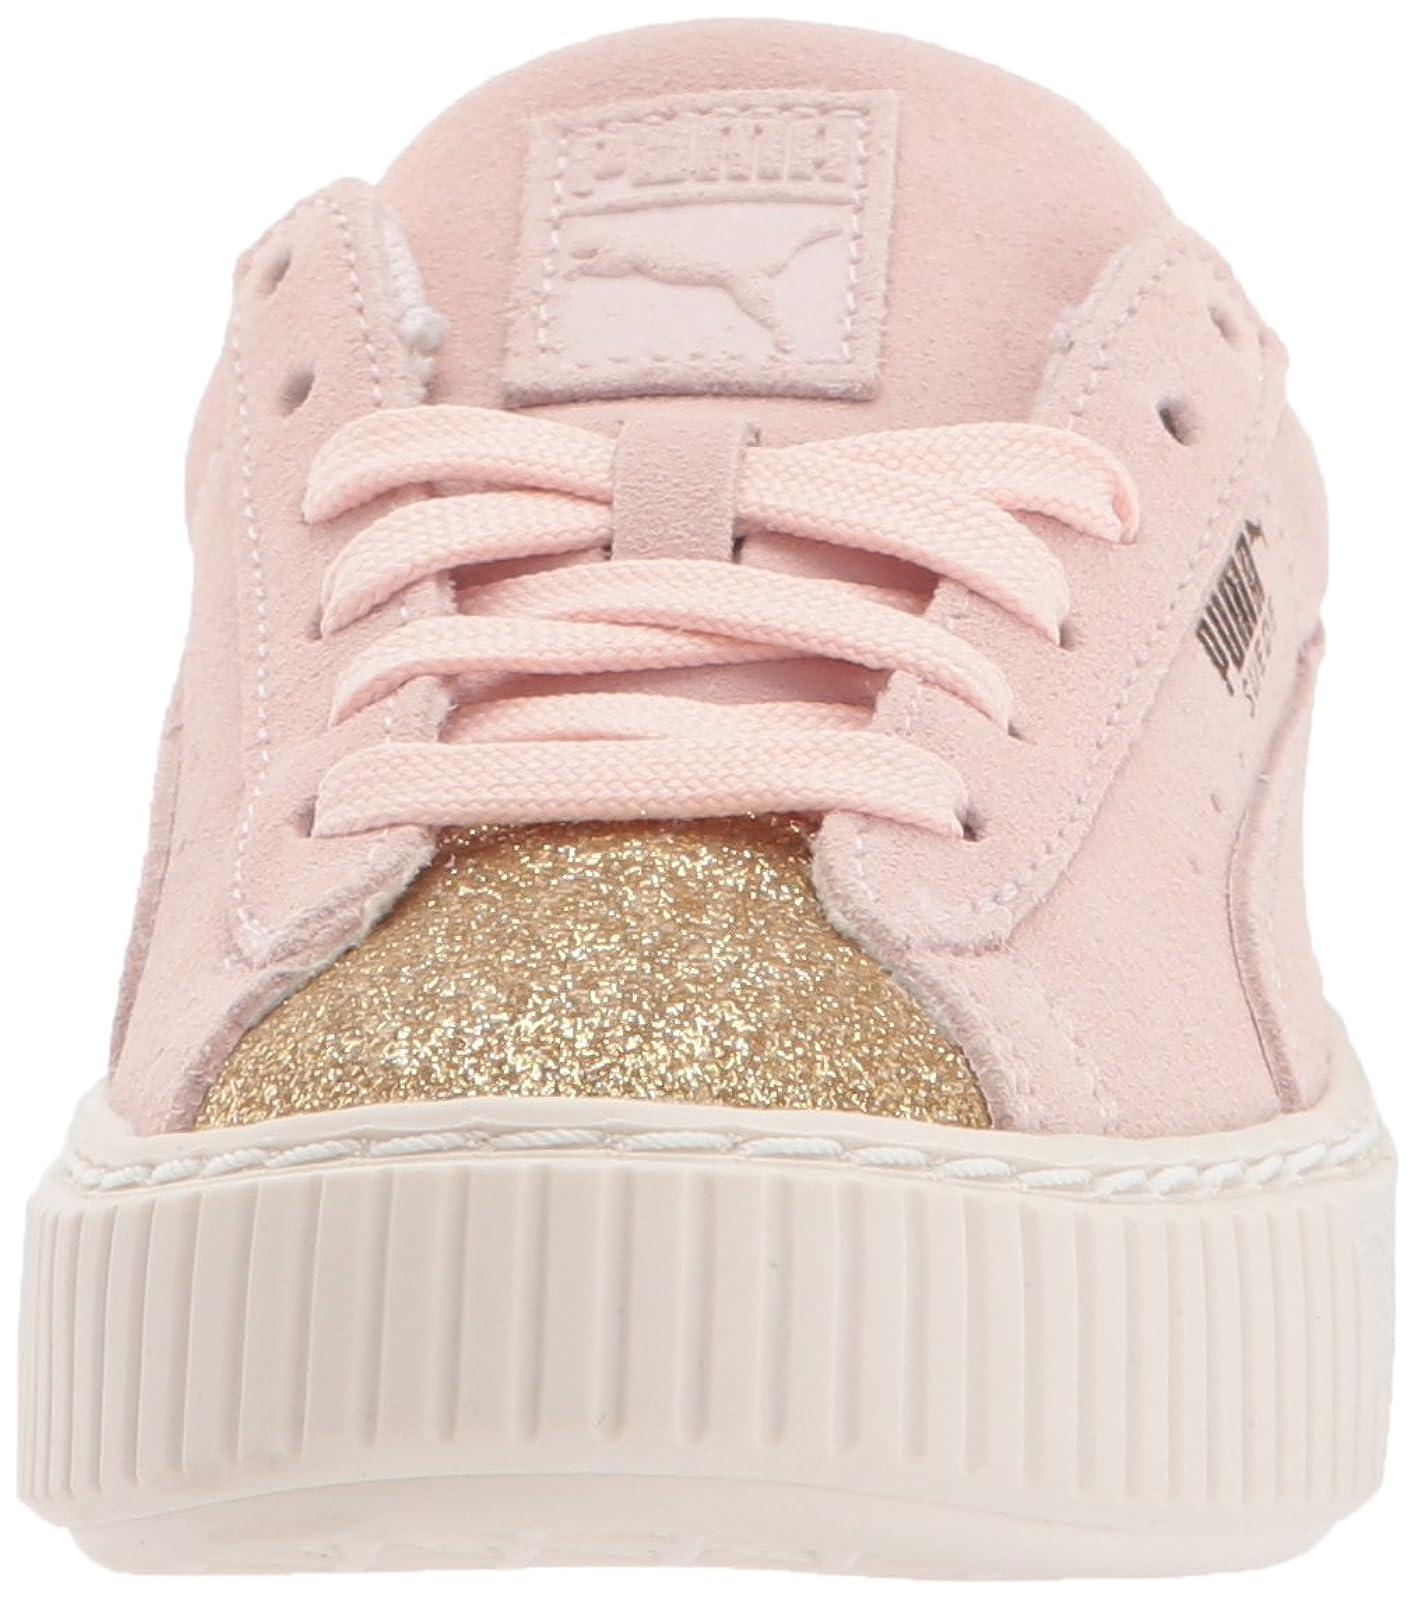 PUMA Kids' Suede Platform Glam Sneaker Pink 36492207 - 4